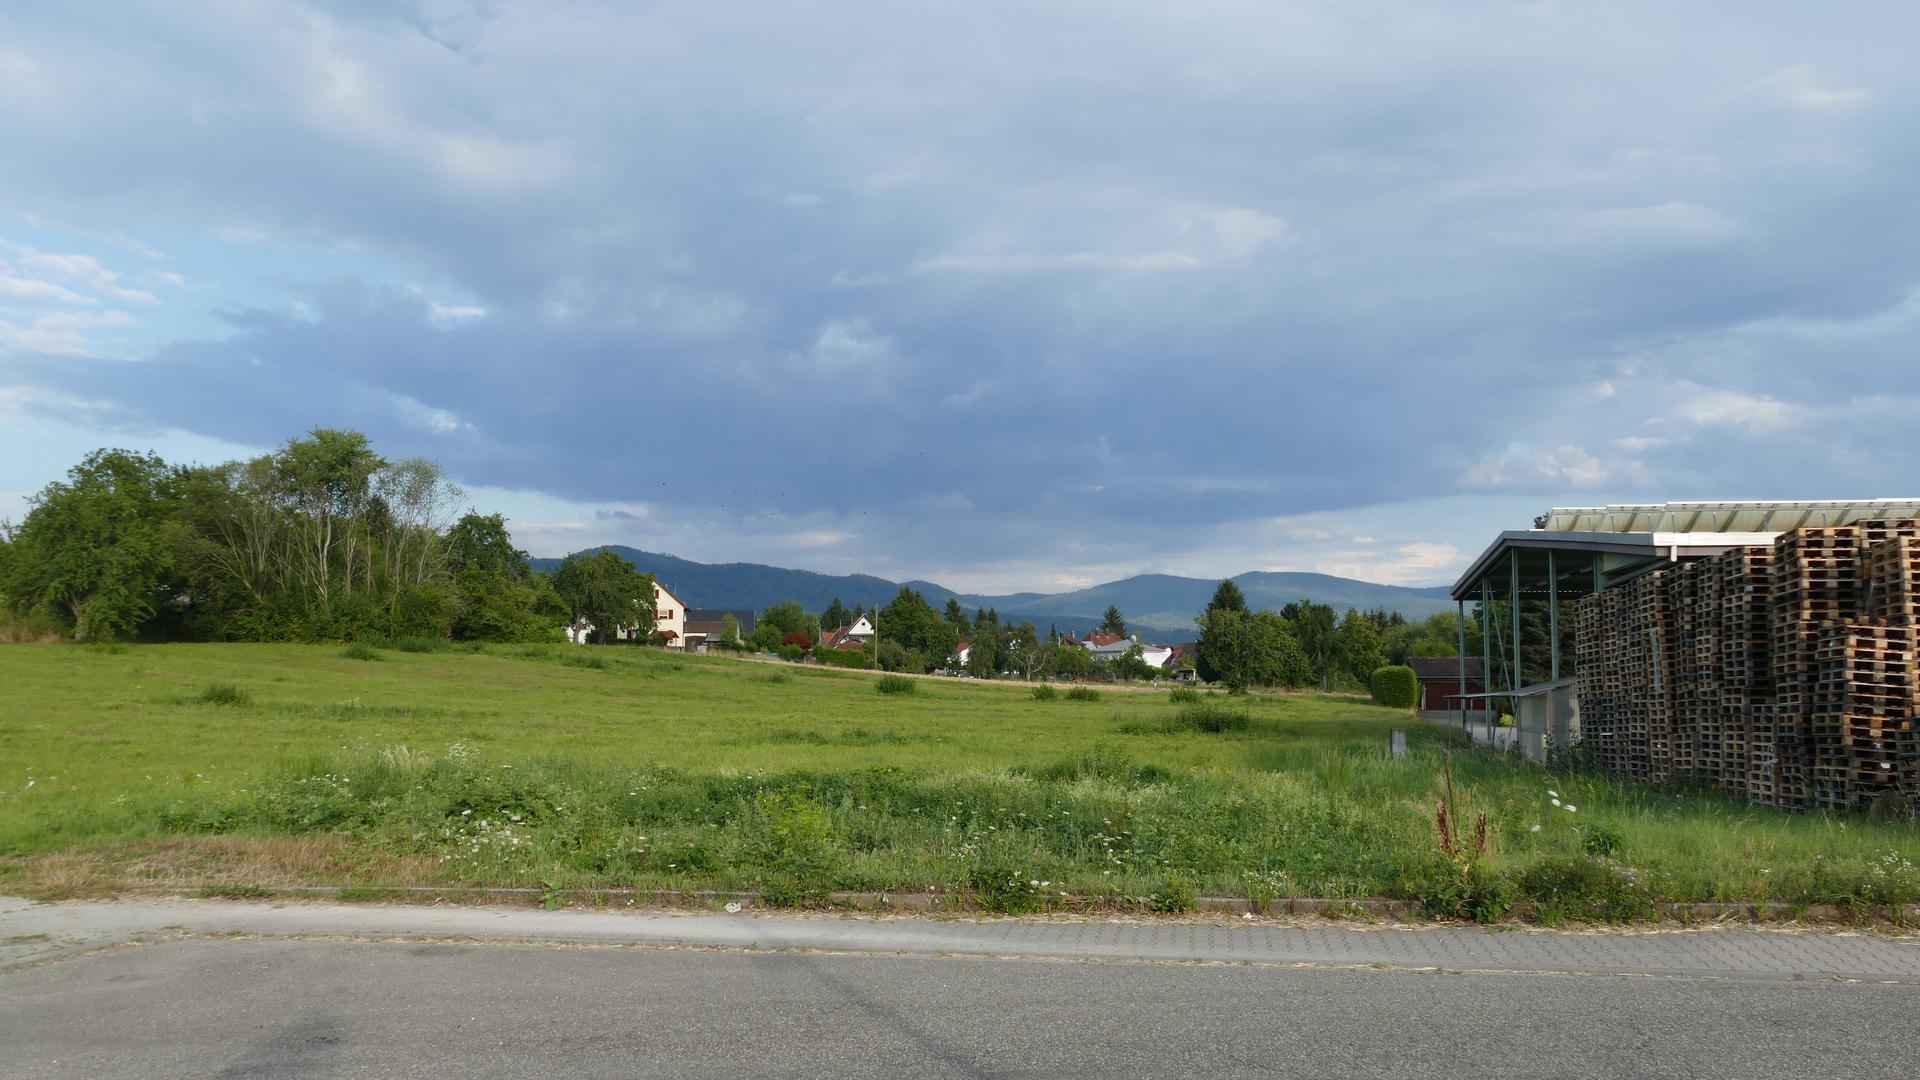 Wiesengelände in der Draisstraße in Bad Rotenfels in der neues DHL-Depot entstehen soll